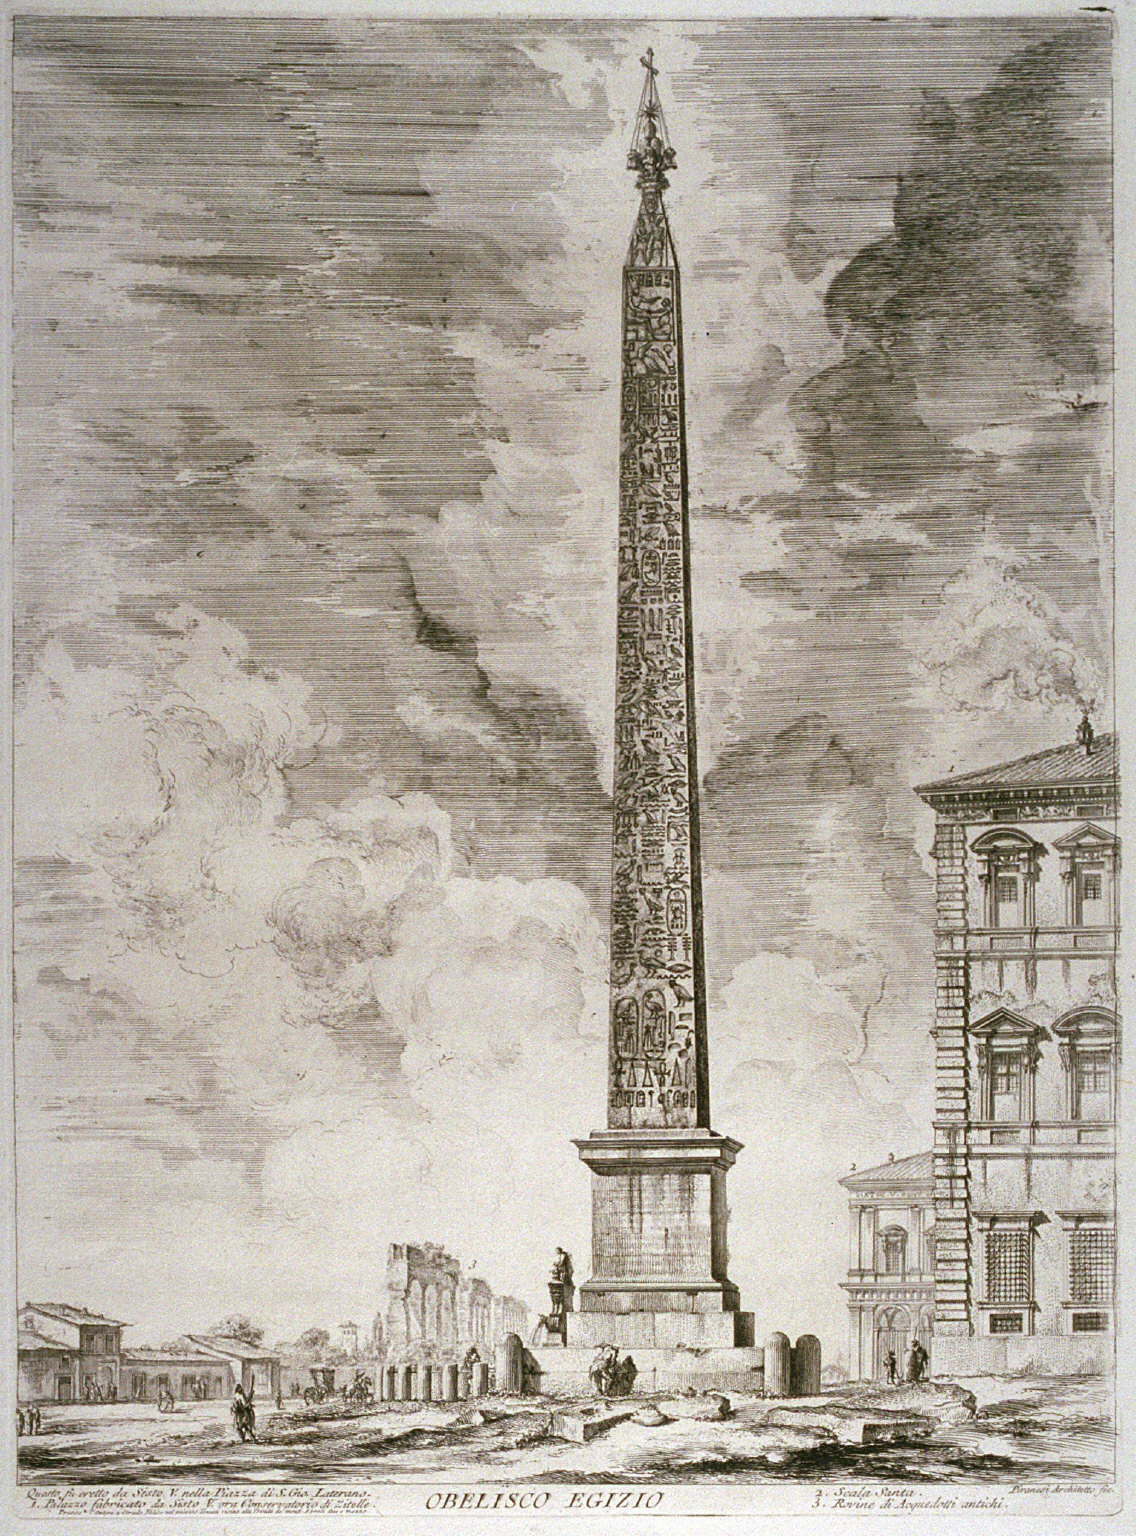 Obelisco Egizio